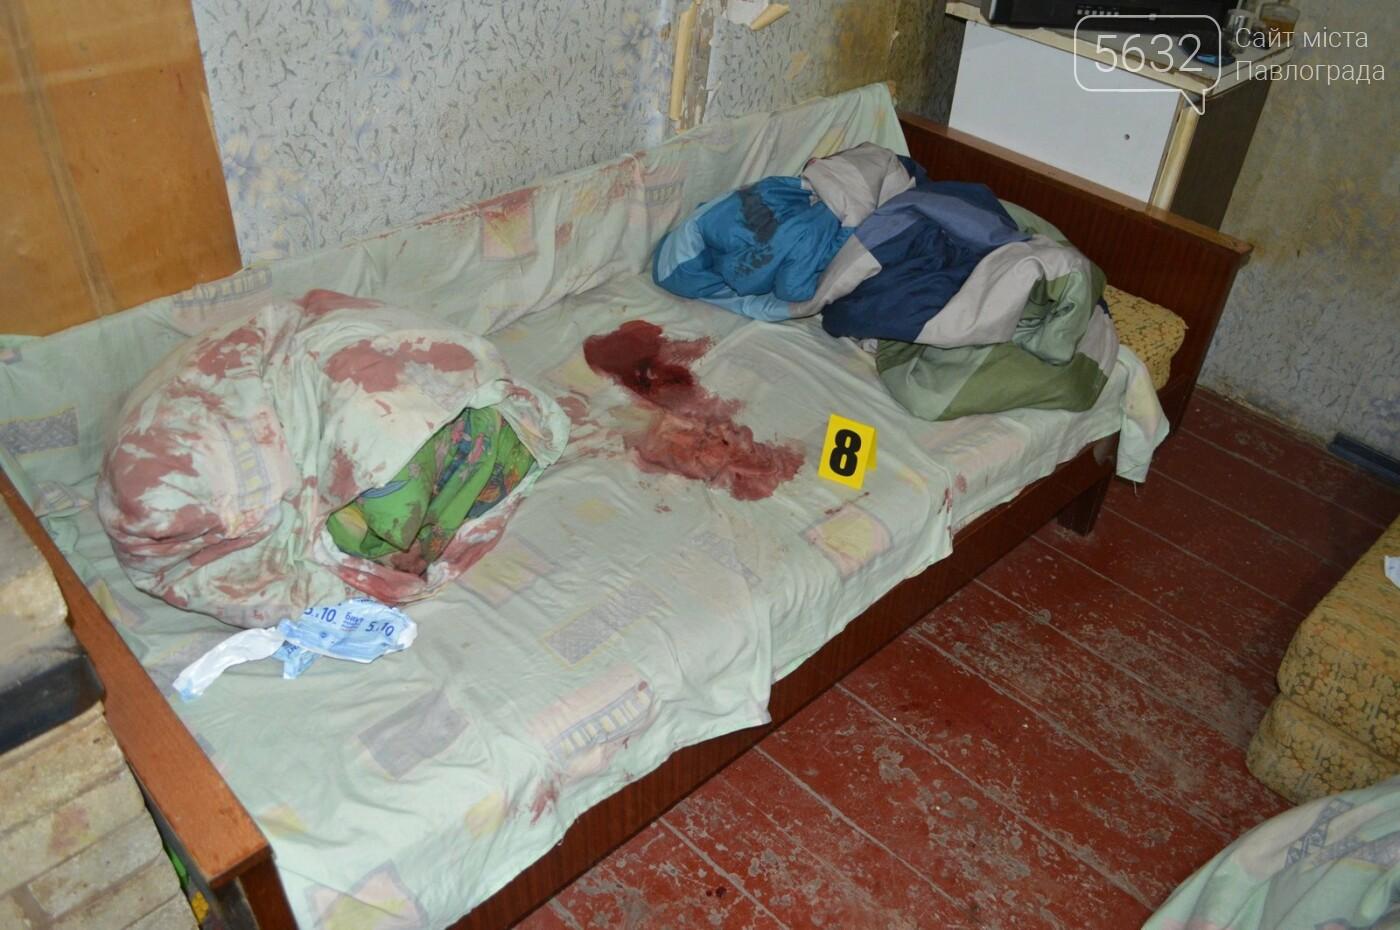 Жестокое убийство в Павлограде: школьник зарезал мужчину и 4-летнего ребенка, фото-1